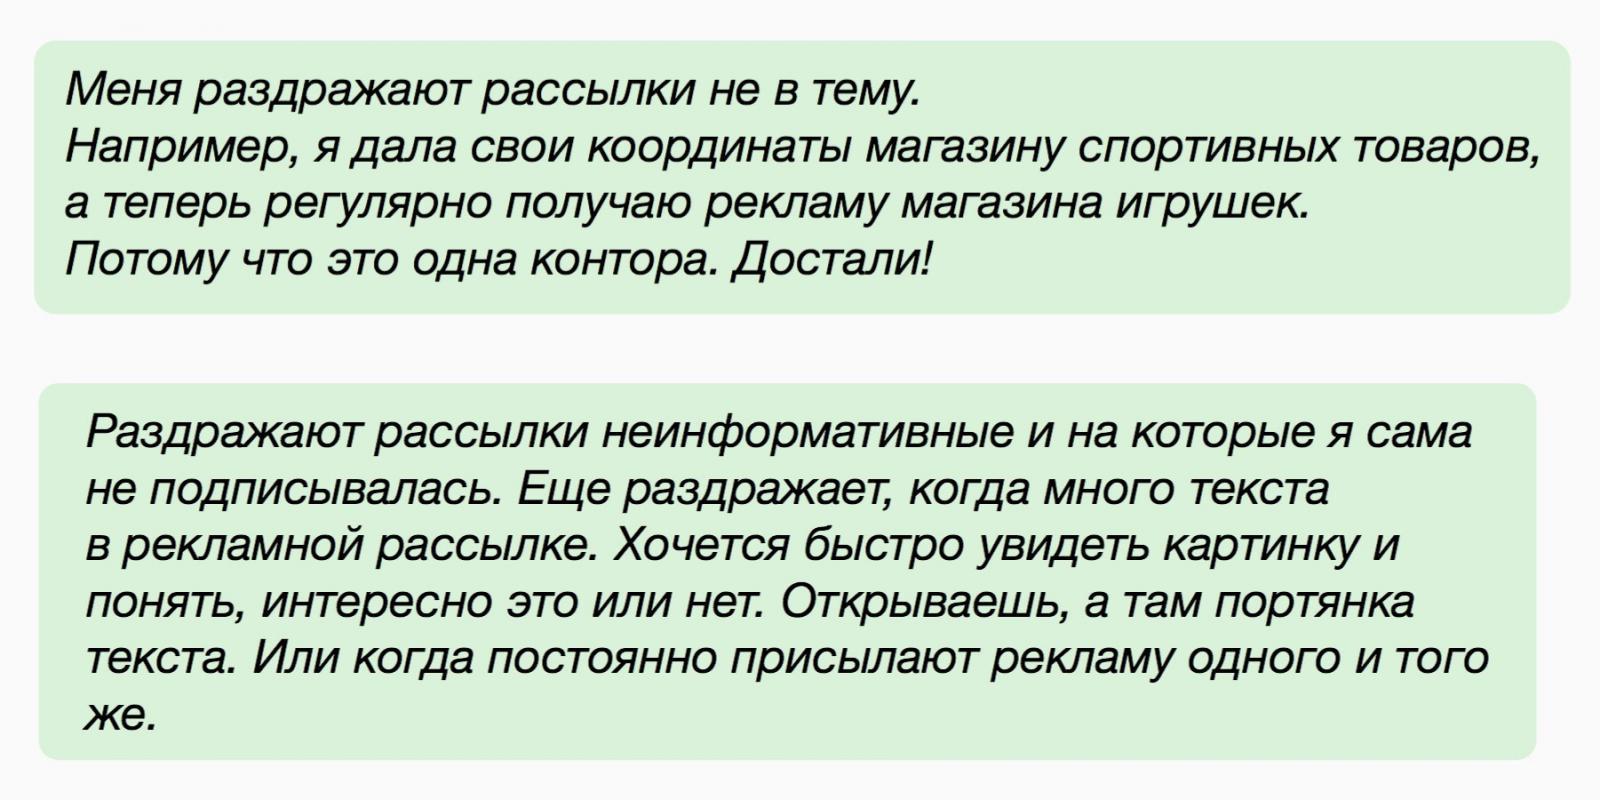 """Отзывы о рассылках с """"не той"""" тематикой"""